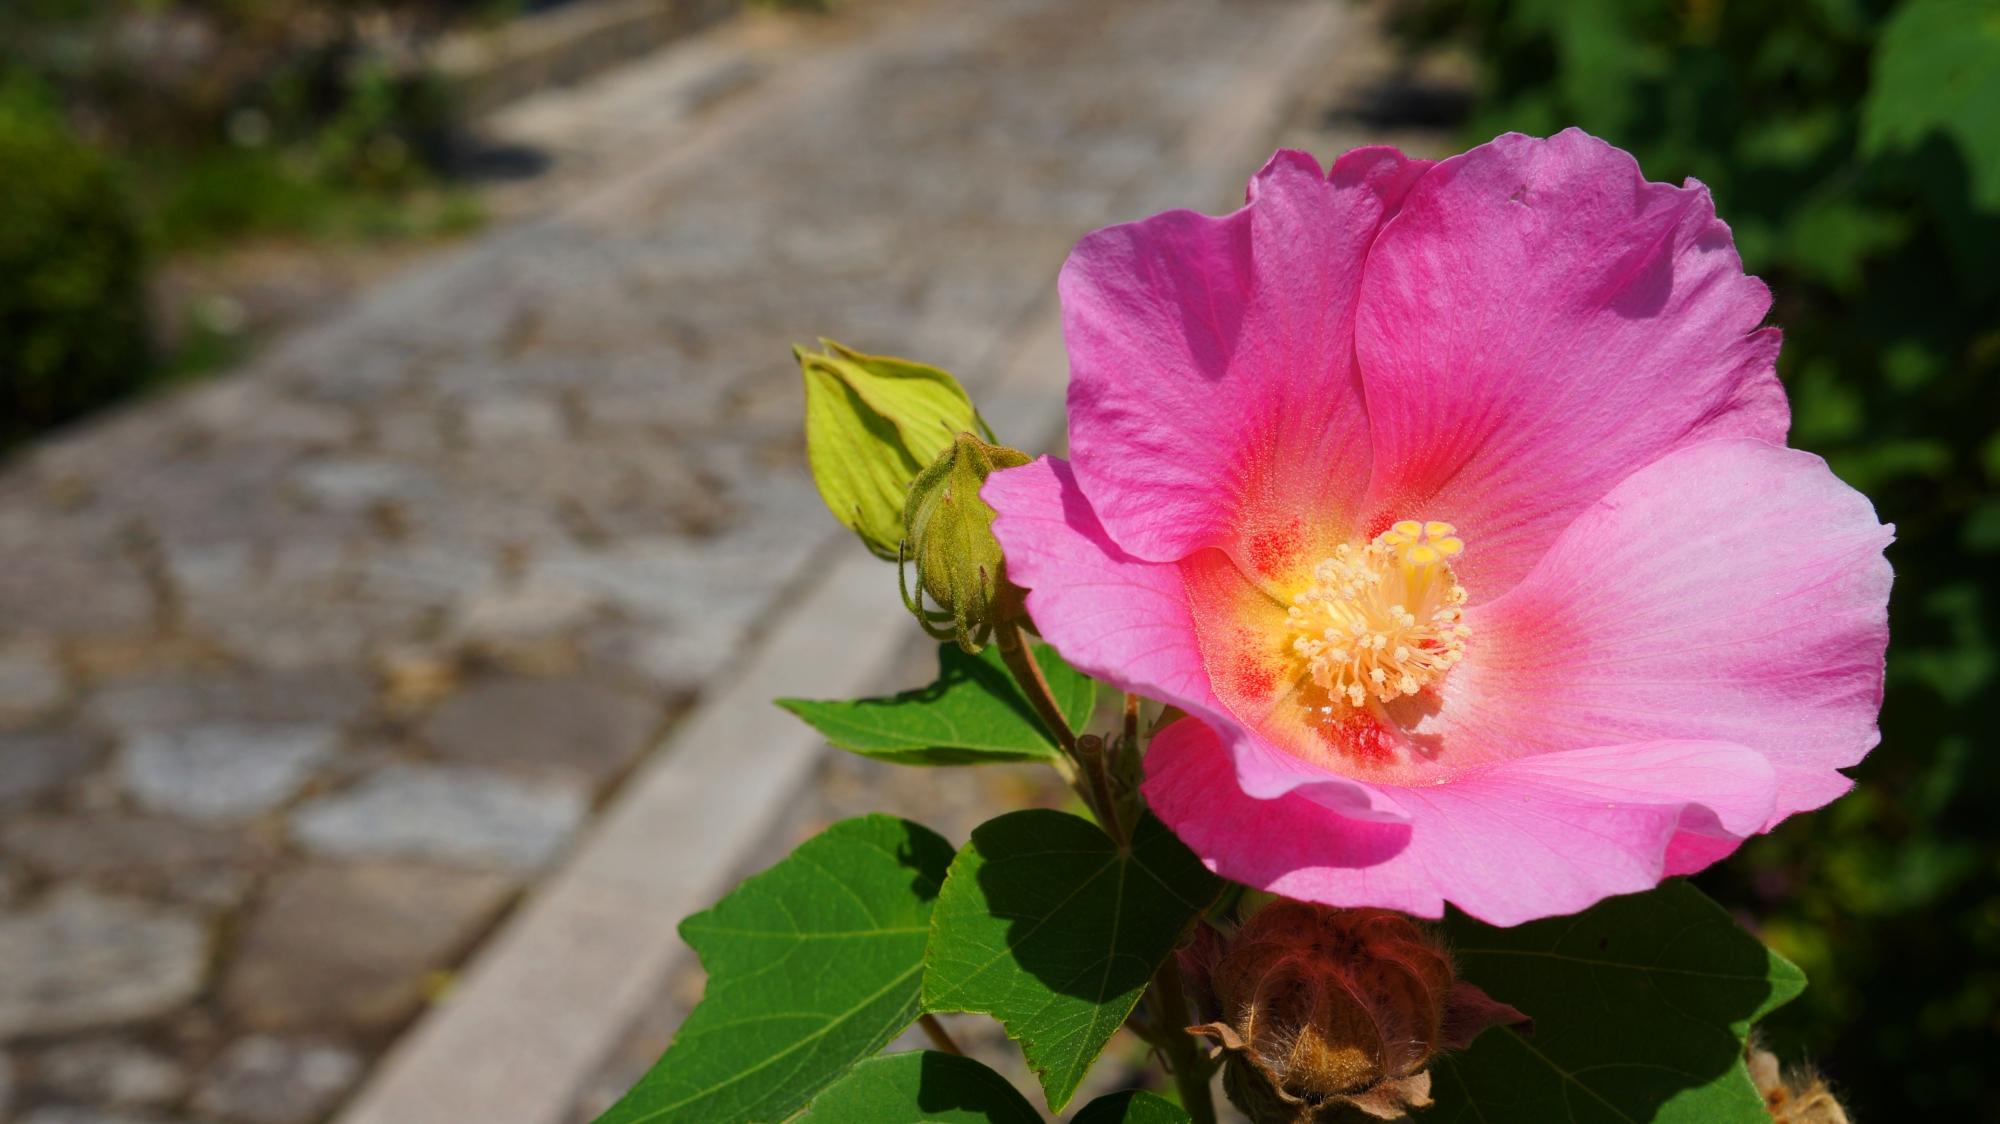 法輪寺石の参道を彩る華やかなピンクの芙蓉の花